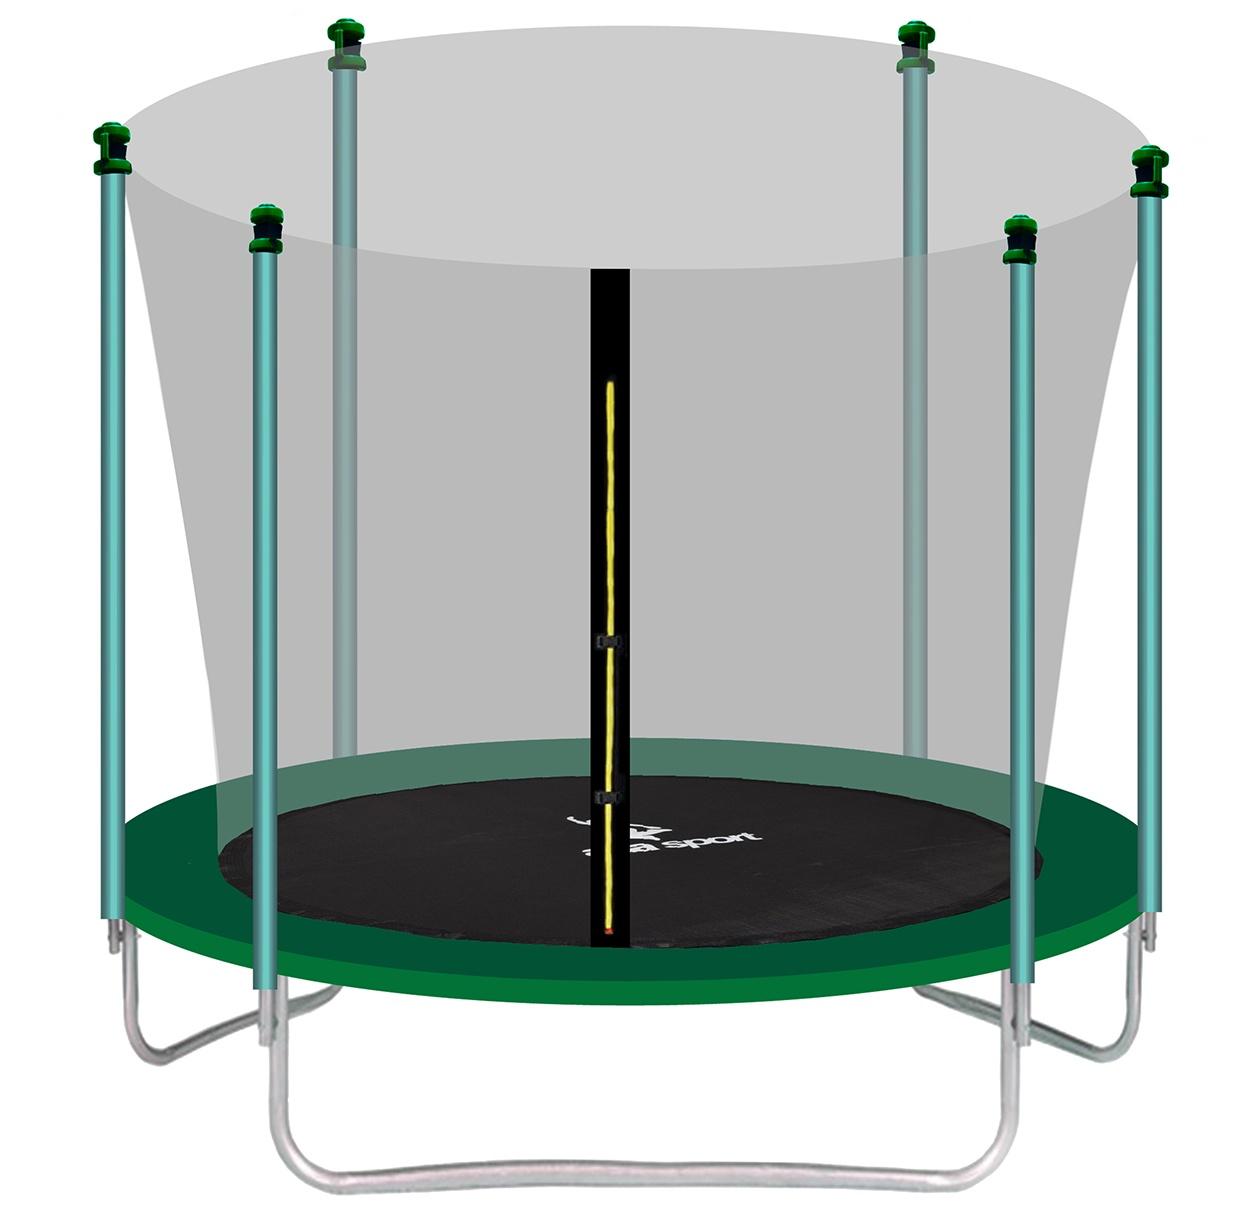 Aga SPORT FIT Trampolína 305 cm Dark Green + vnitřní ochranná síť 2018